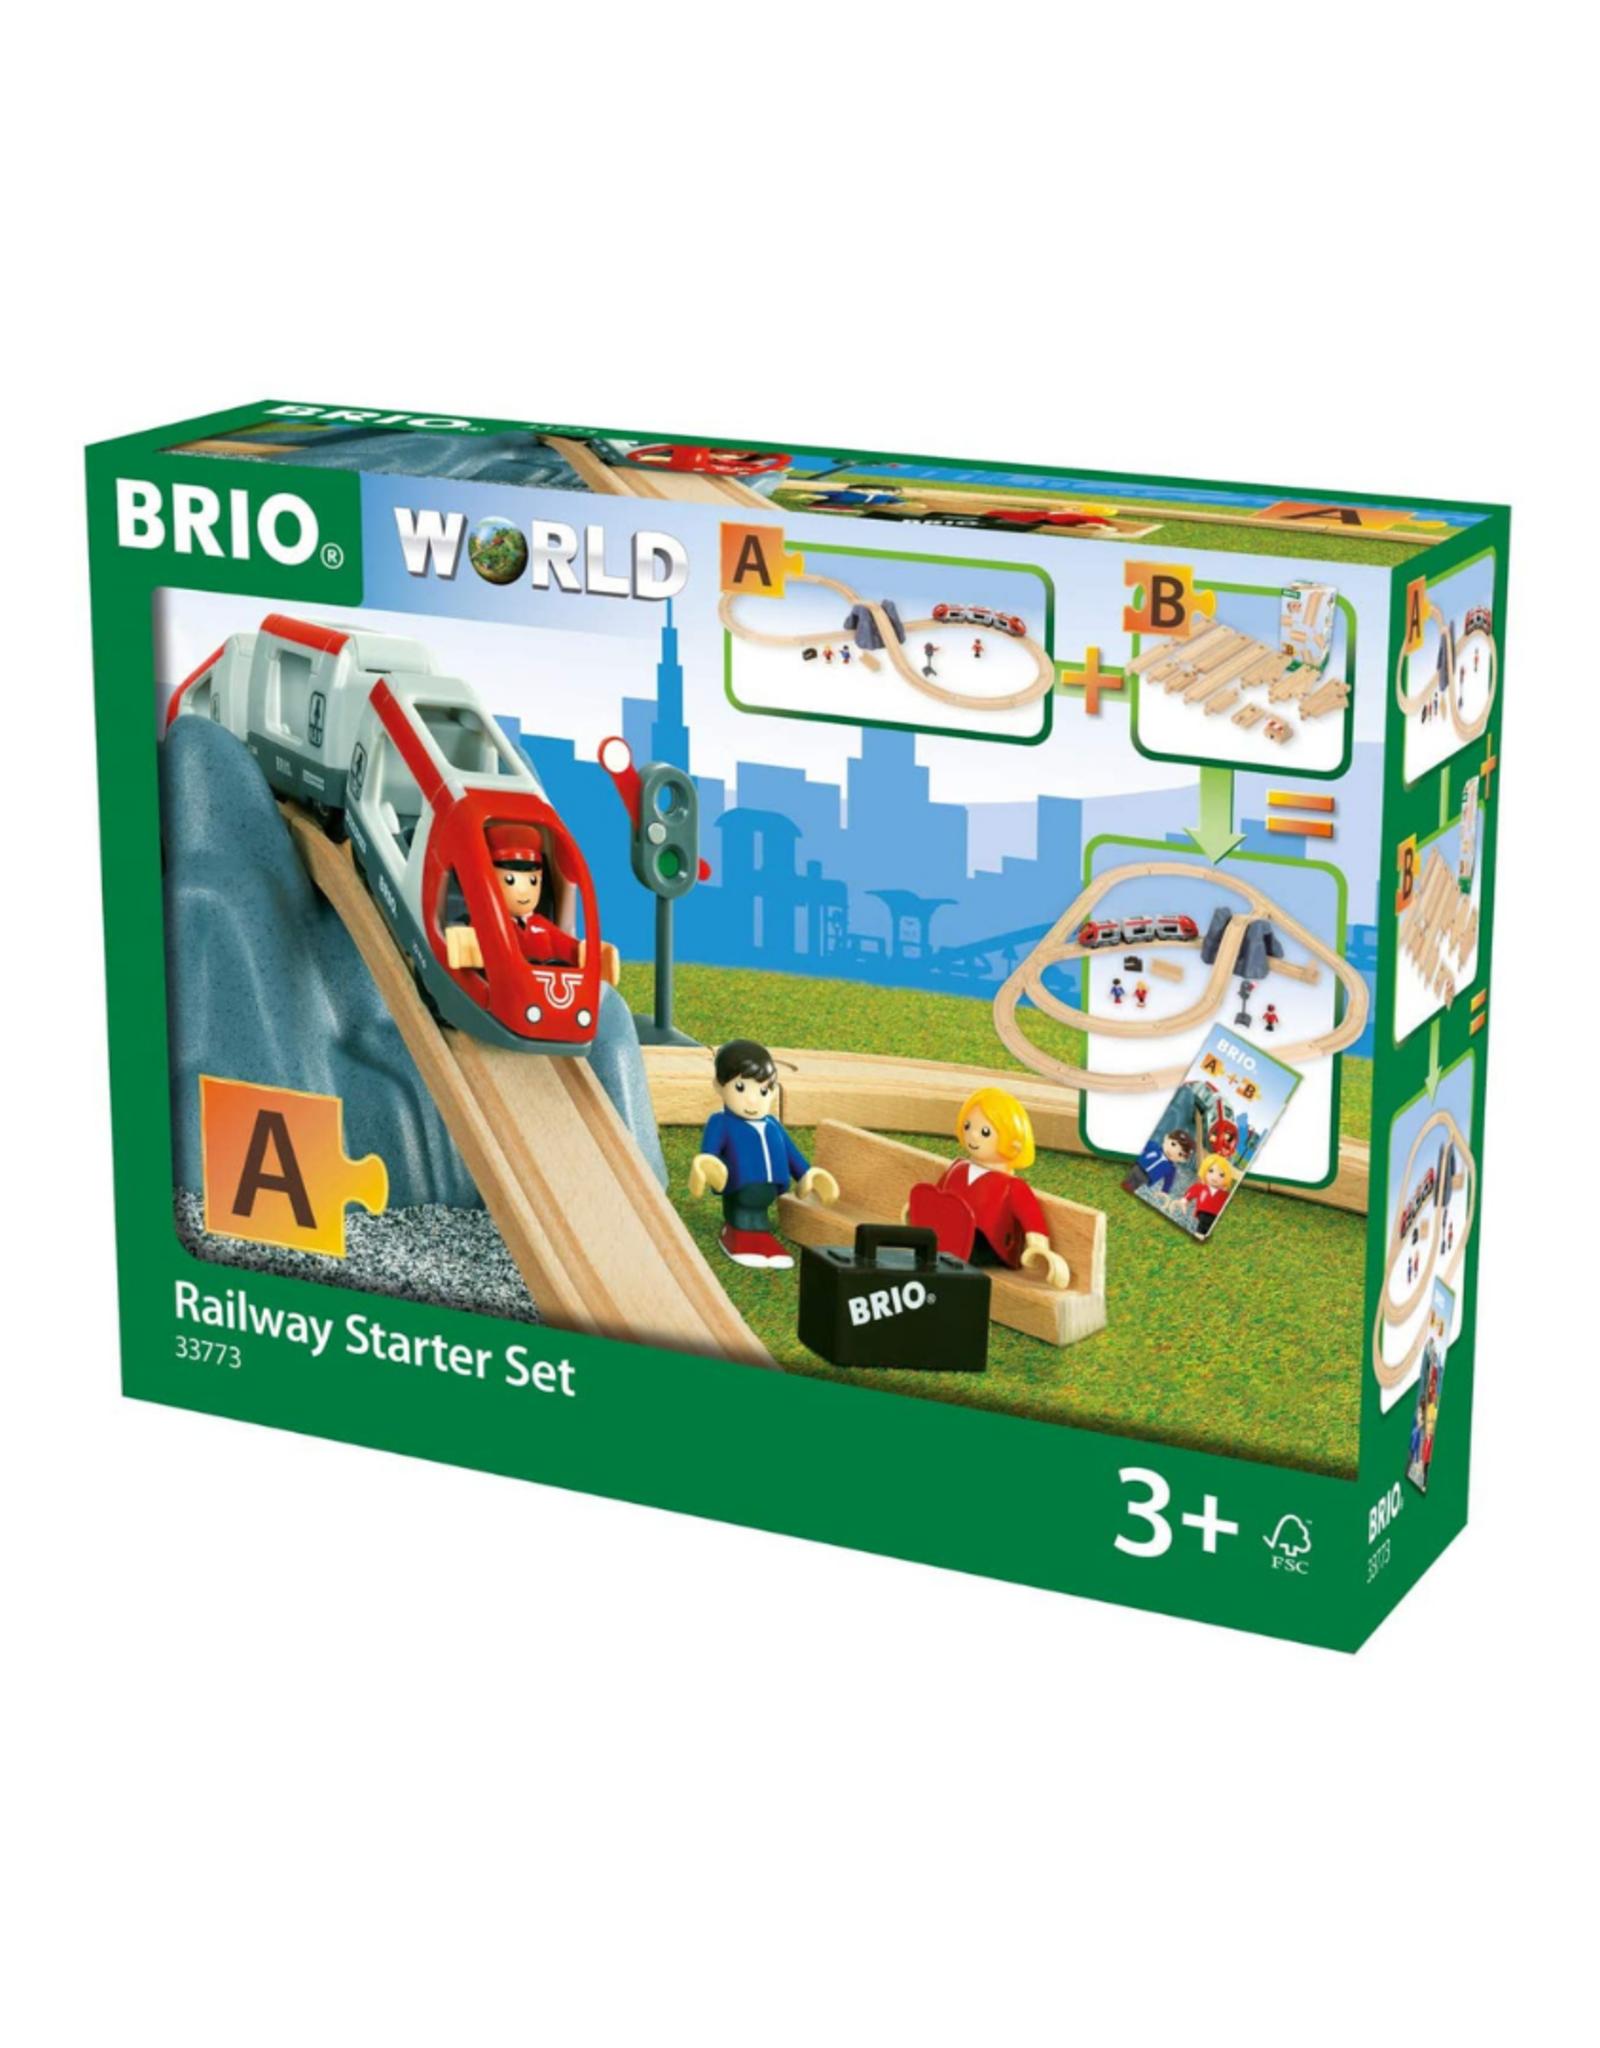 Brio Brio - Railway Starter Set